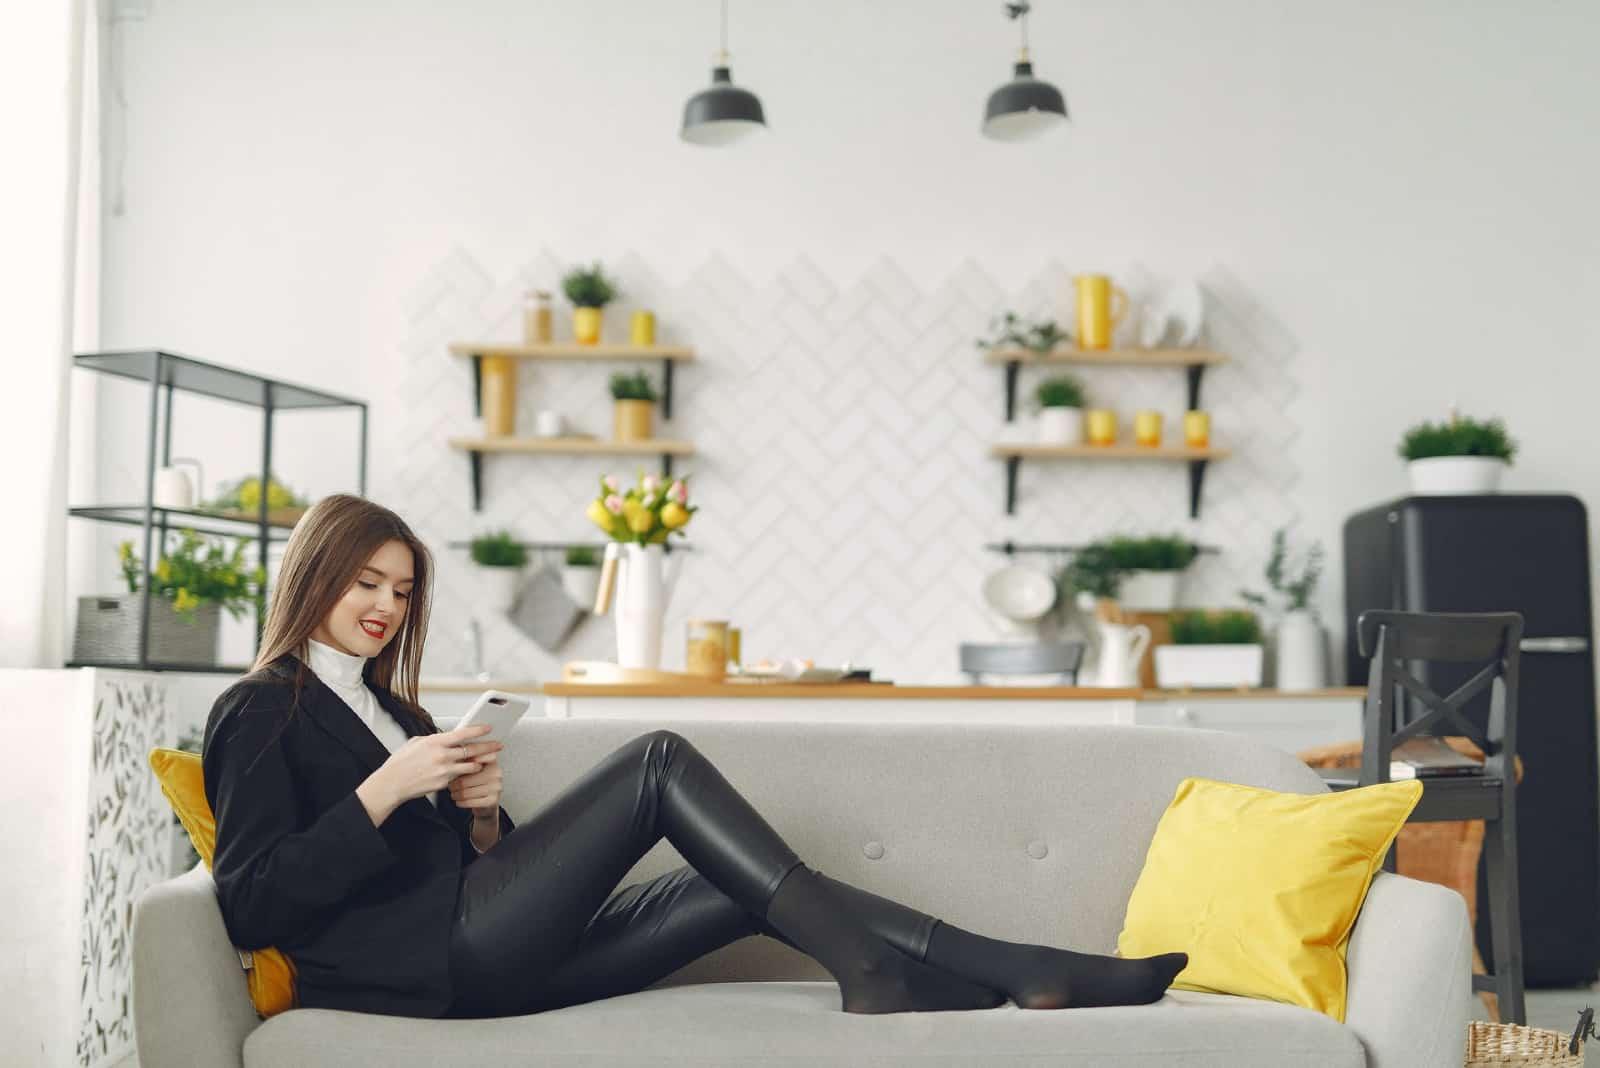 femme utilisant un smartphone en étant assise sur un canapé